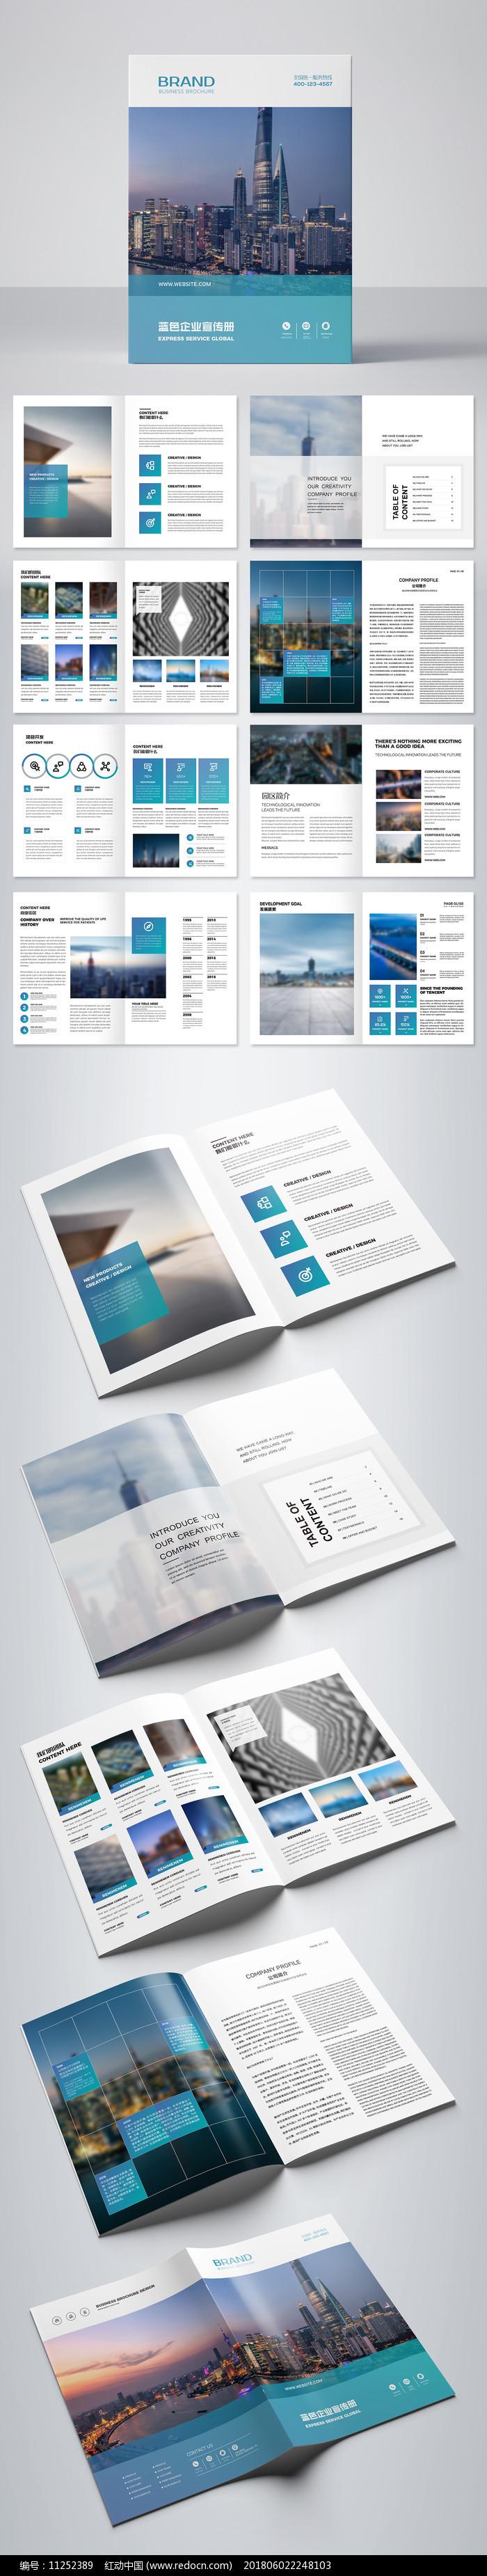 蓝色商业画册集团房地产宣传册设计模板图片